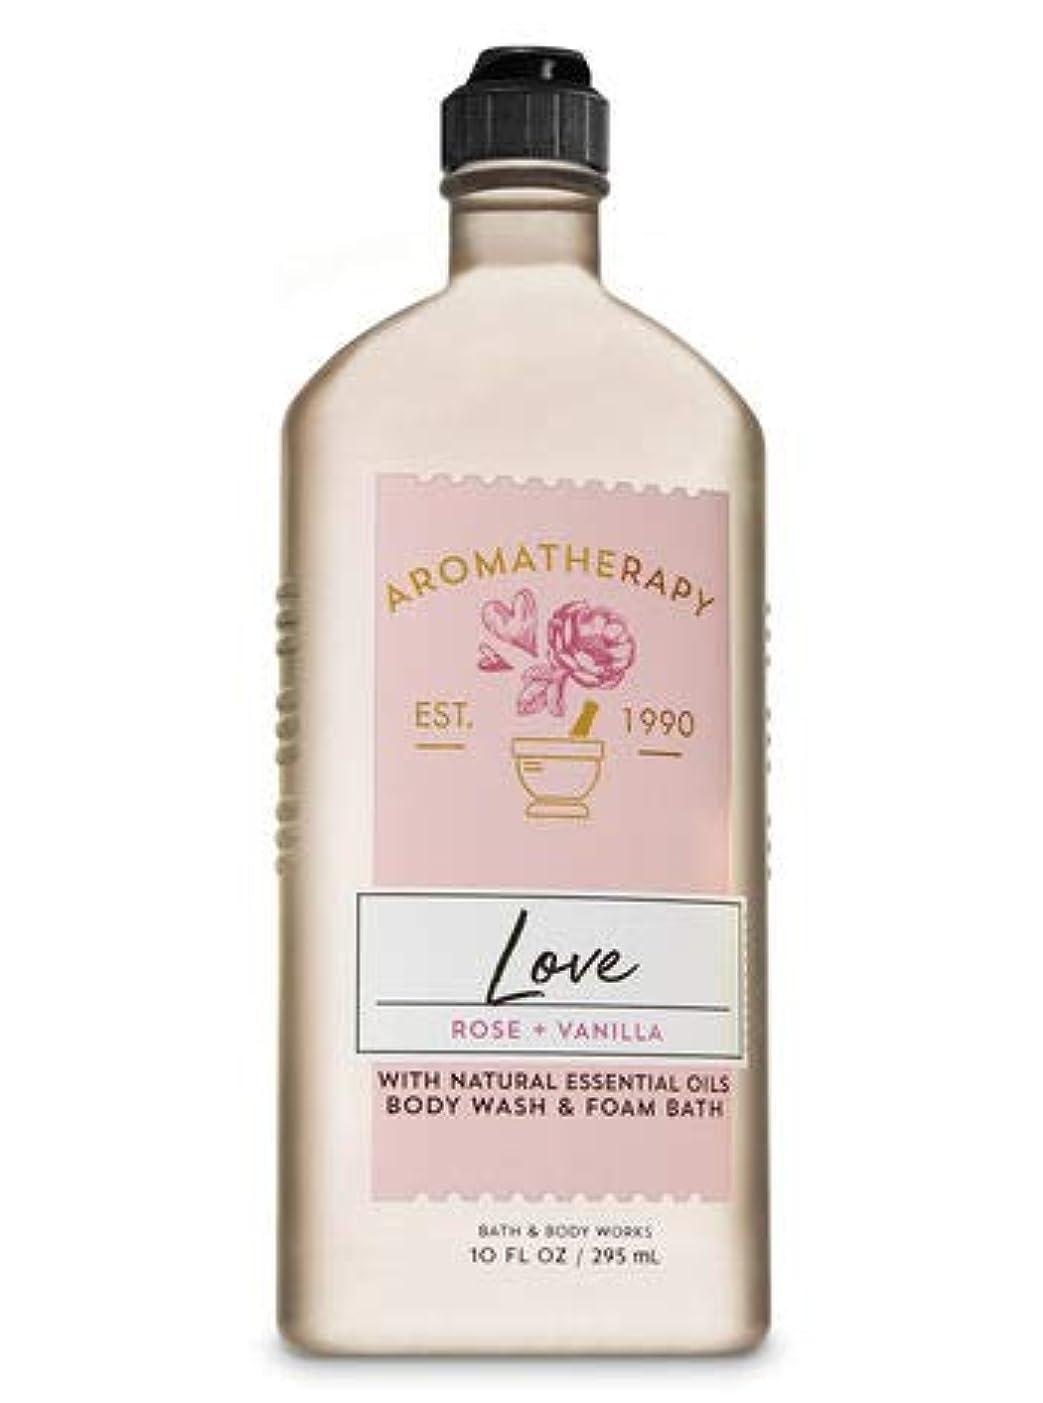 溶岩ジョイントアルカイック【Bath&Body Works/バス&ボディワークス】 ボディウォッシュ&フォームバス アロマセラピー ラブ ローズ&バニラ Body Wash & Foam Bath Aromatherapy Love Rose &...